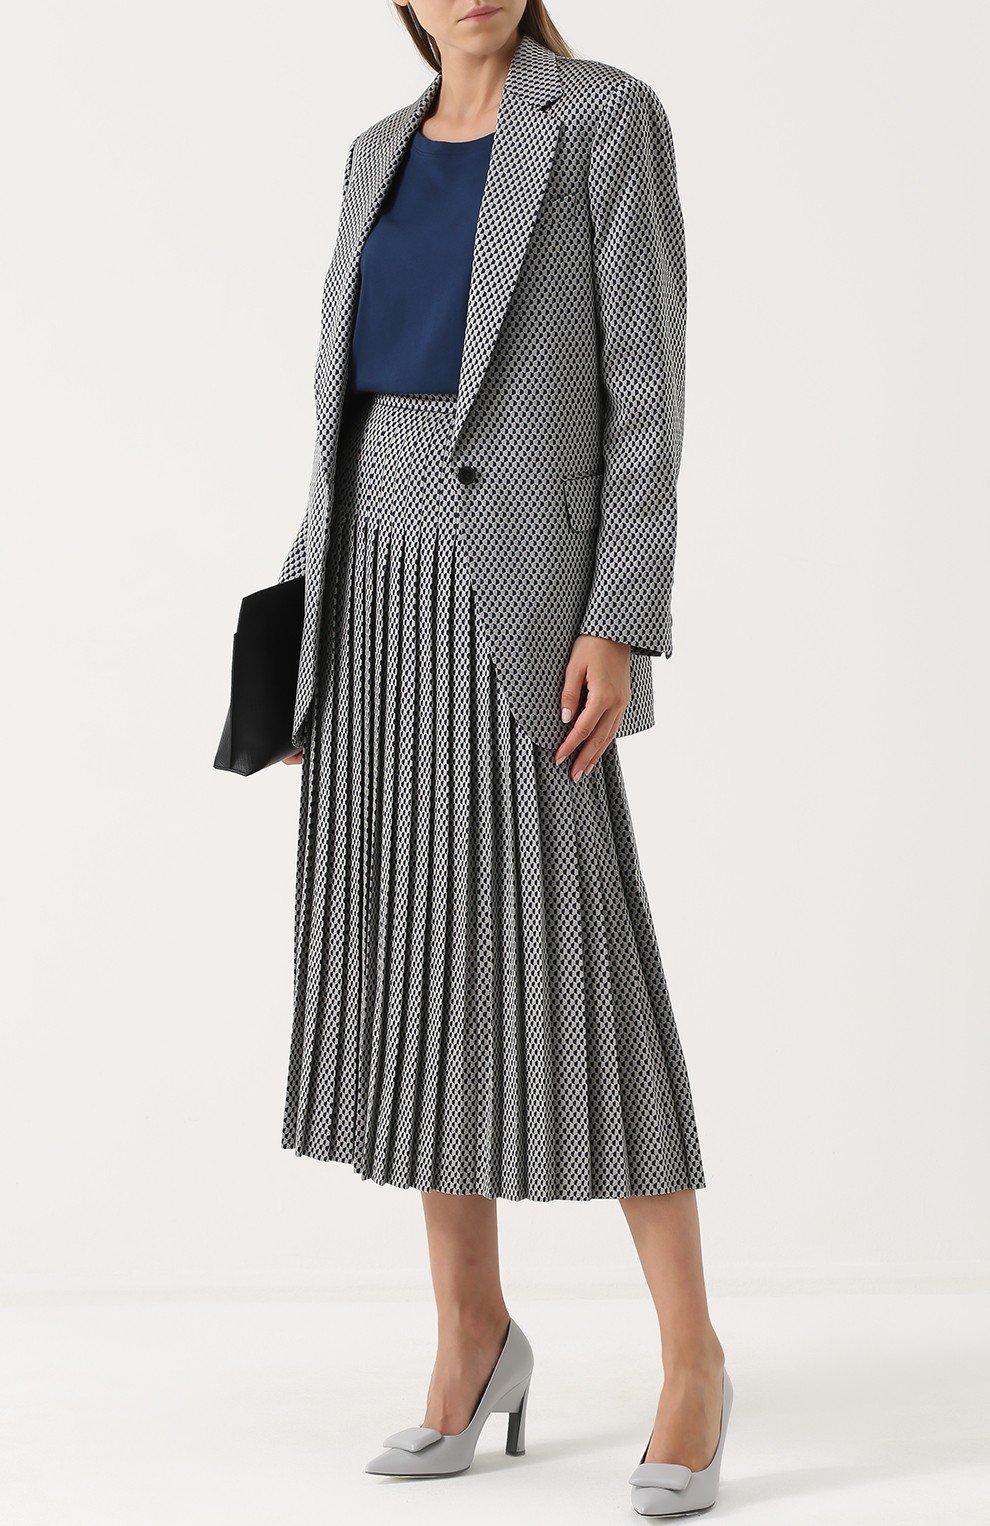 стильный серый удлиненный пиджак женский 2018 года